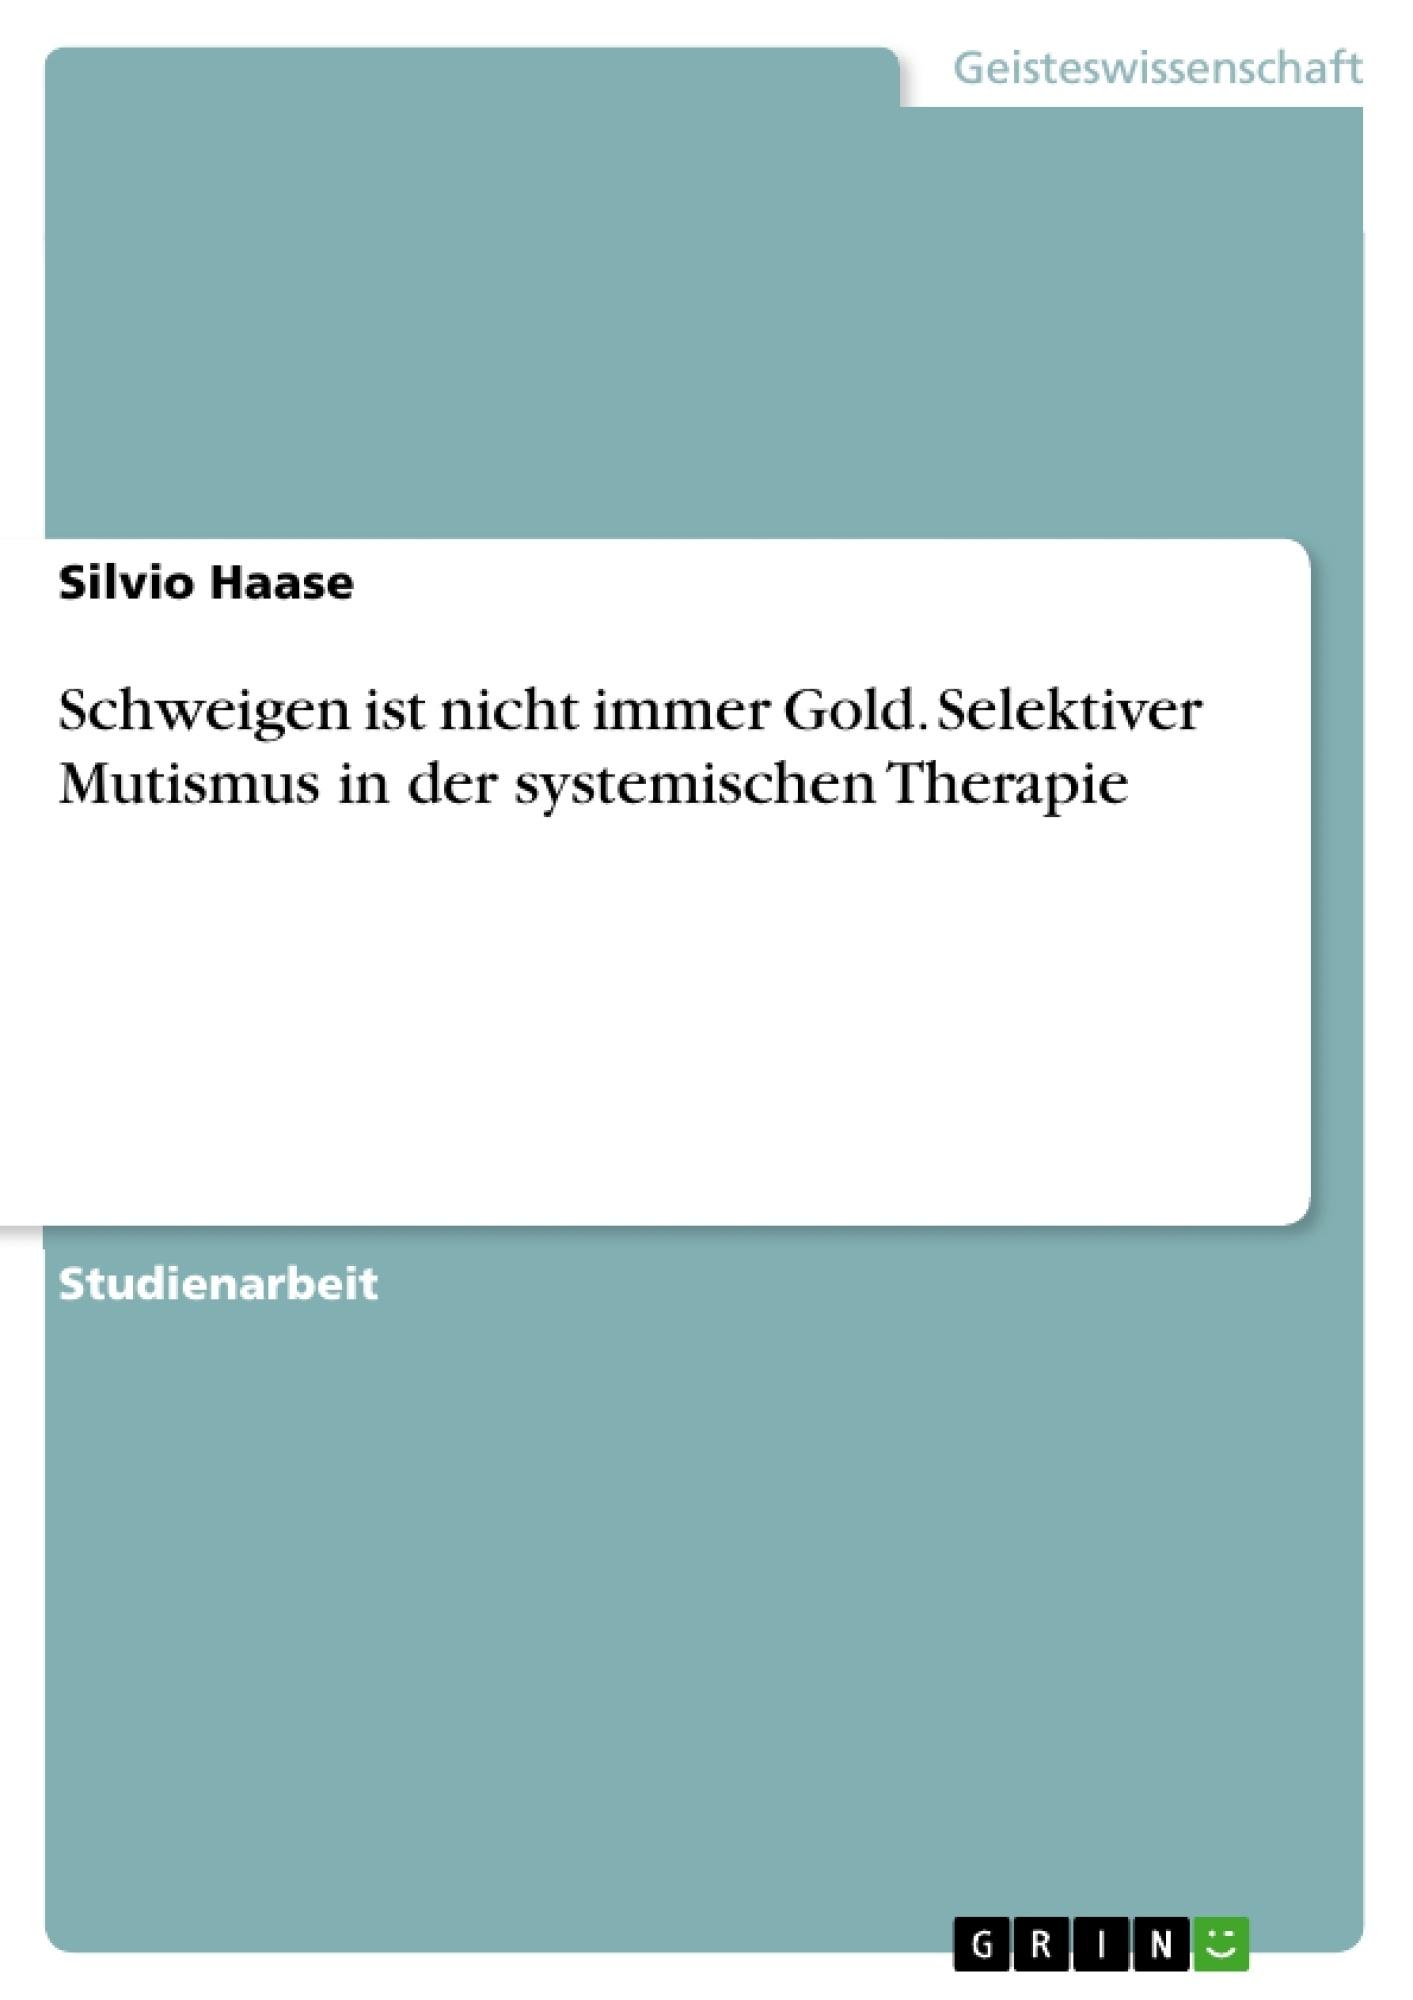 Titel: Schweigen ist nicht immer Gold. Selektiver Mutismus in der systemischen Therapie